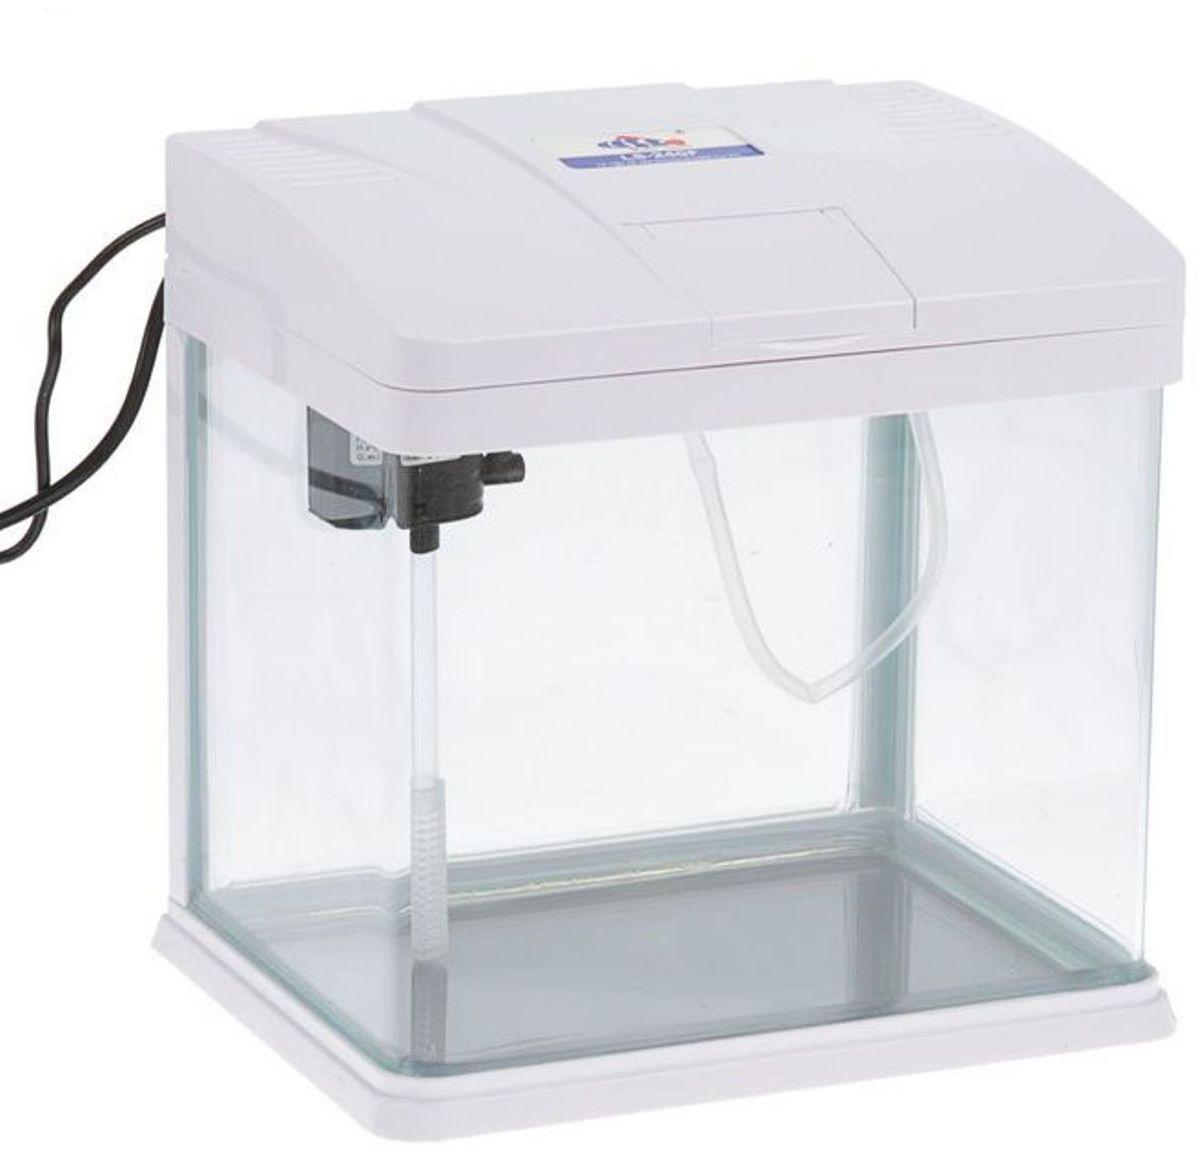 Фото - Аквариум Sea Star LS-240, цвет: белый, 8 л. LS-240F аквариум prime детский белый полный комплект с оборудованием и декорациями15л